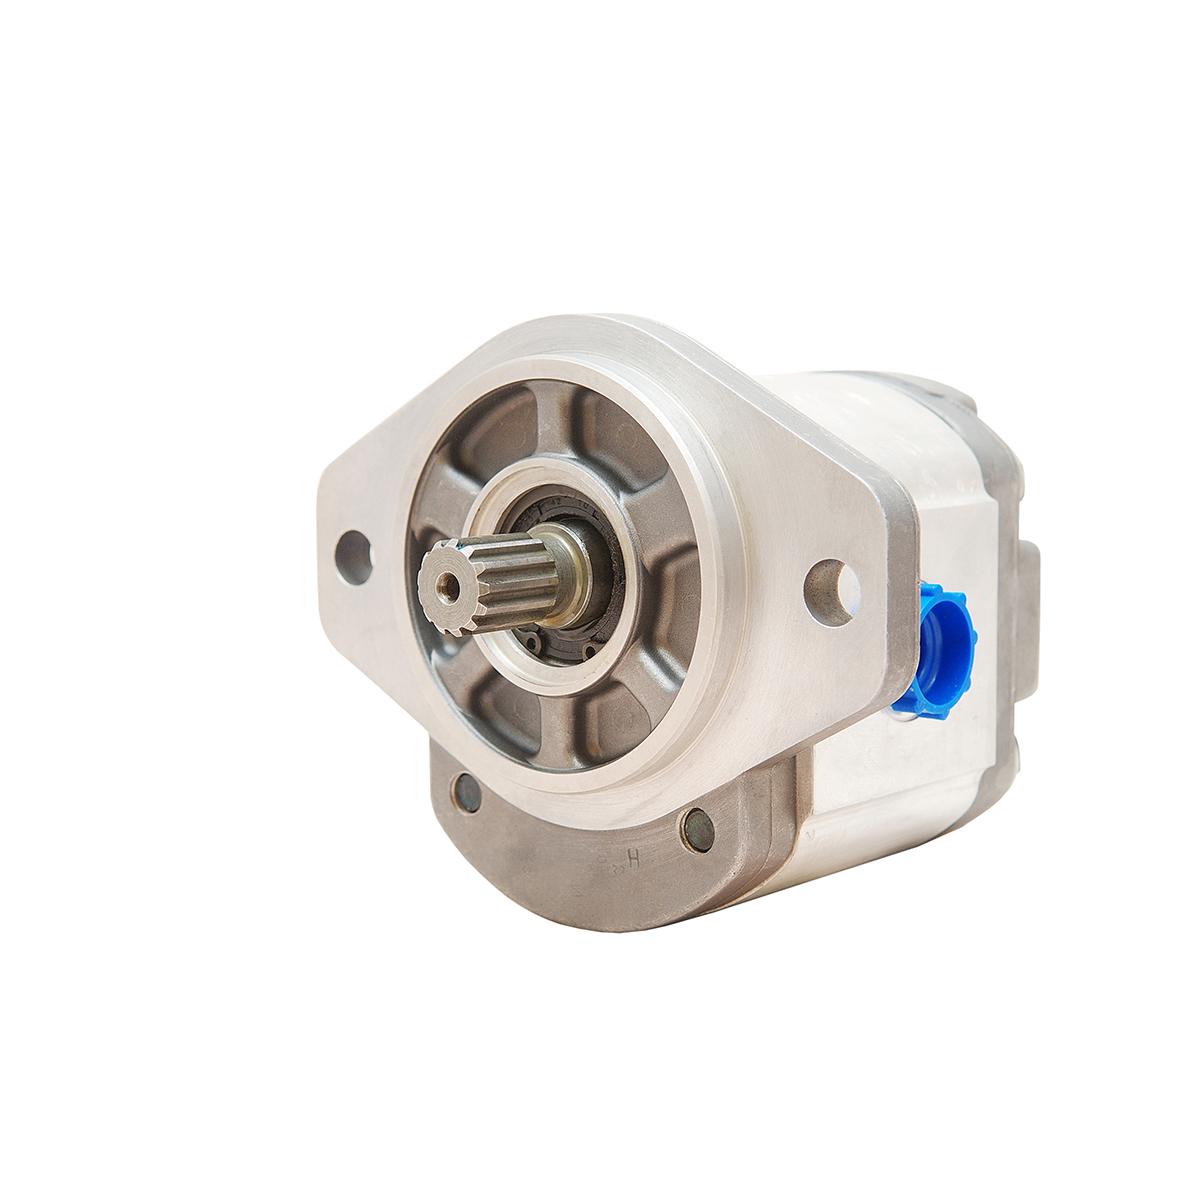 1.95 CID hydraulic gear pump, 13 tooth spline shaft counter-clockwise gear pump | Magister Hydraulics